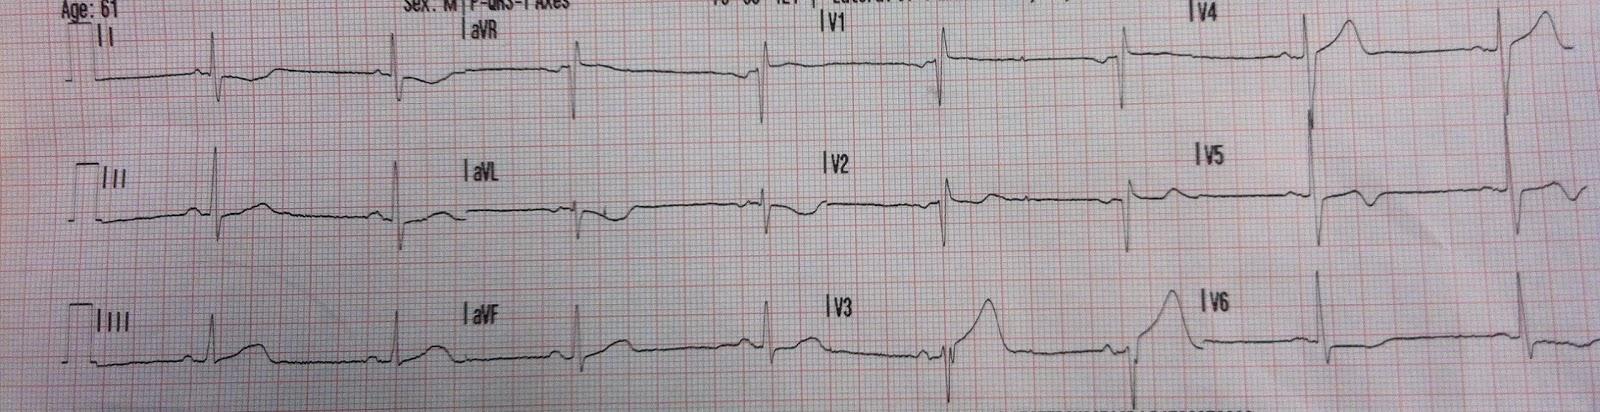 Erős szívdobogás? Íme, a szükséges vizsgálatok